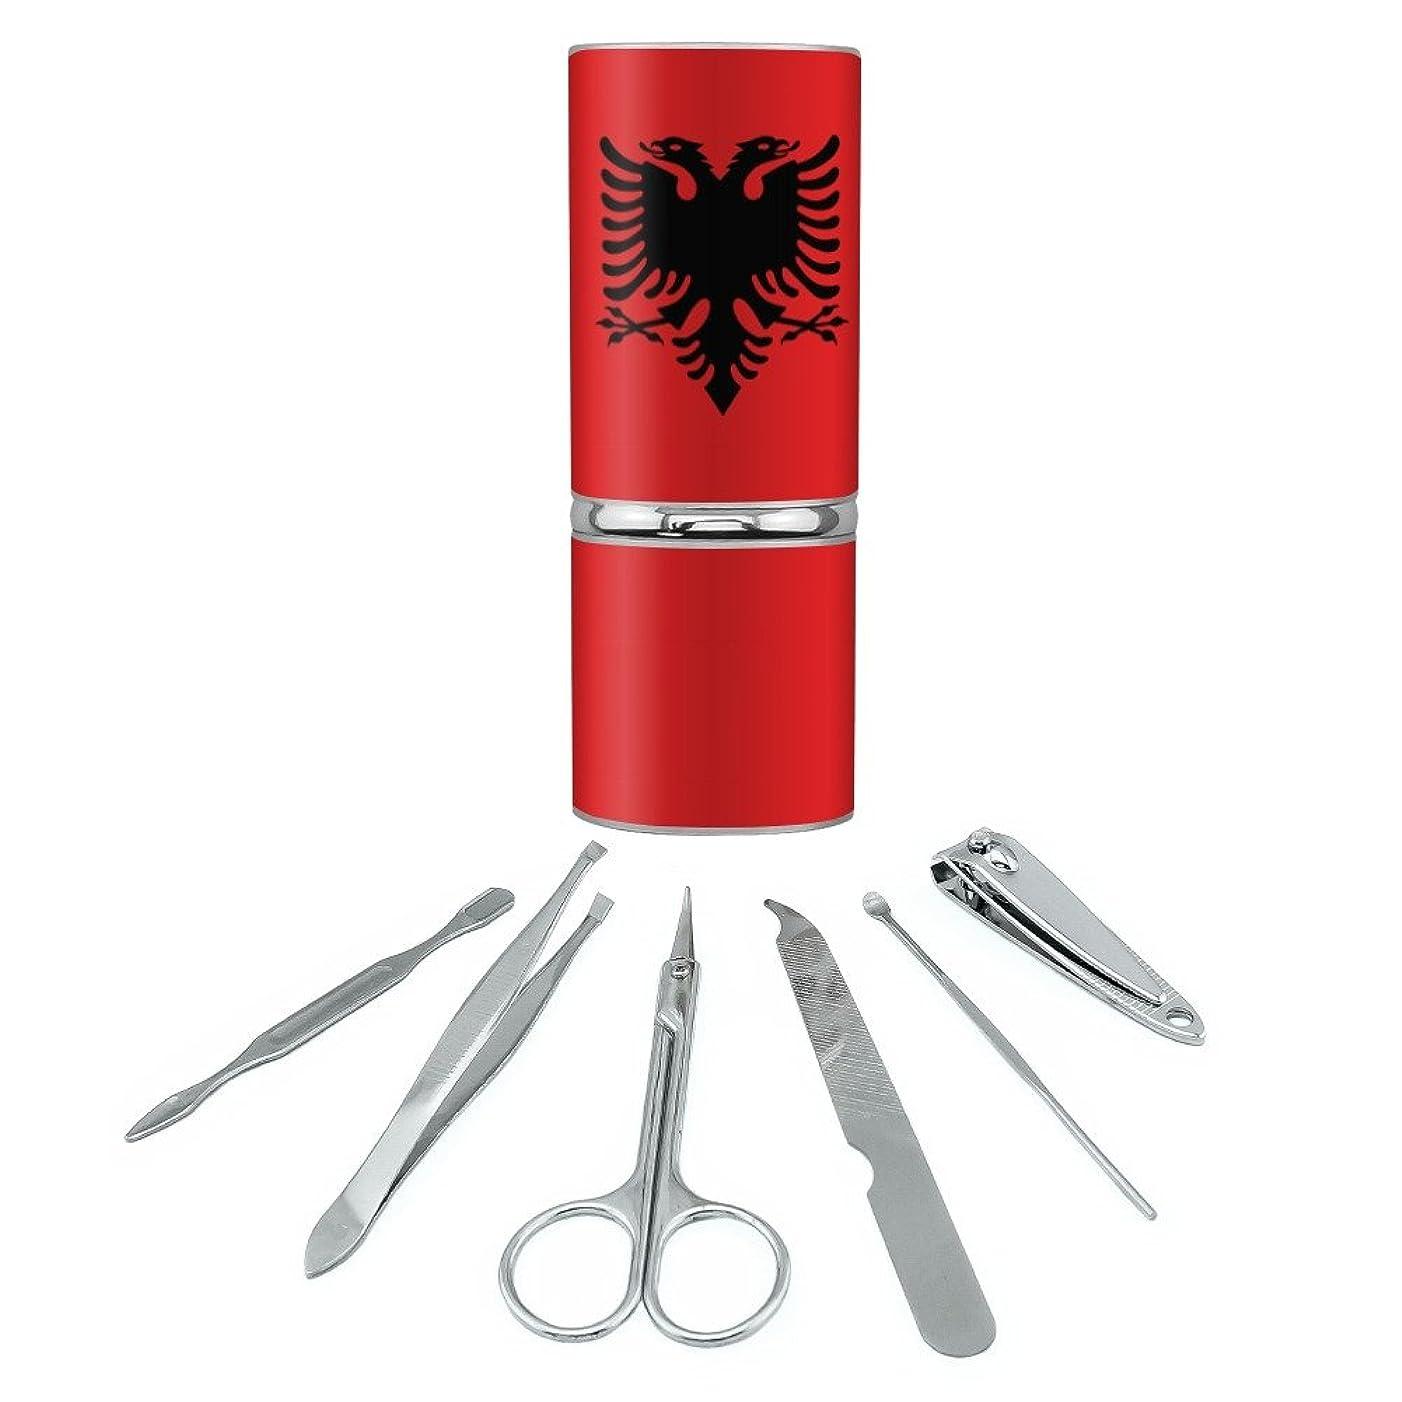 達成する熟達した列挙するアルバニアアルバニア国旗ステンレススチールマニキュアペディキュアグルーミングビューティーケアトラベルキット